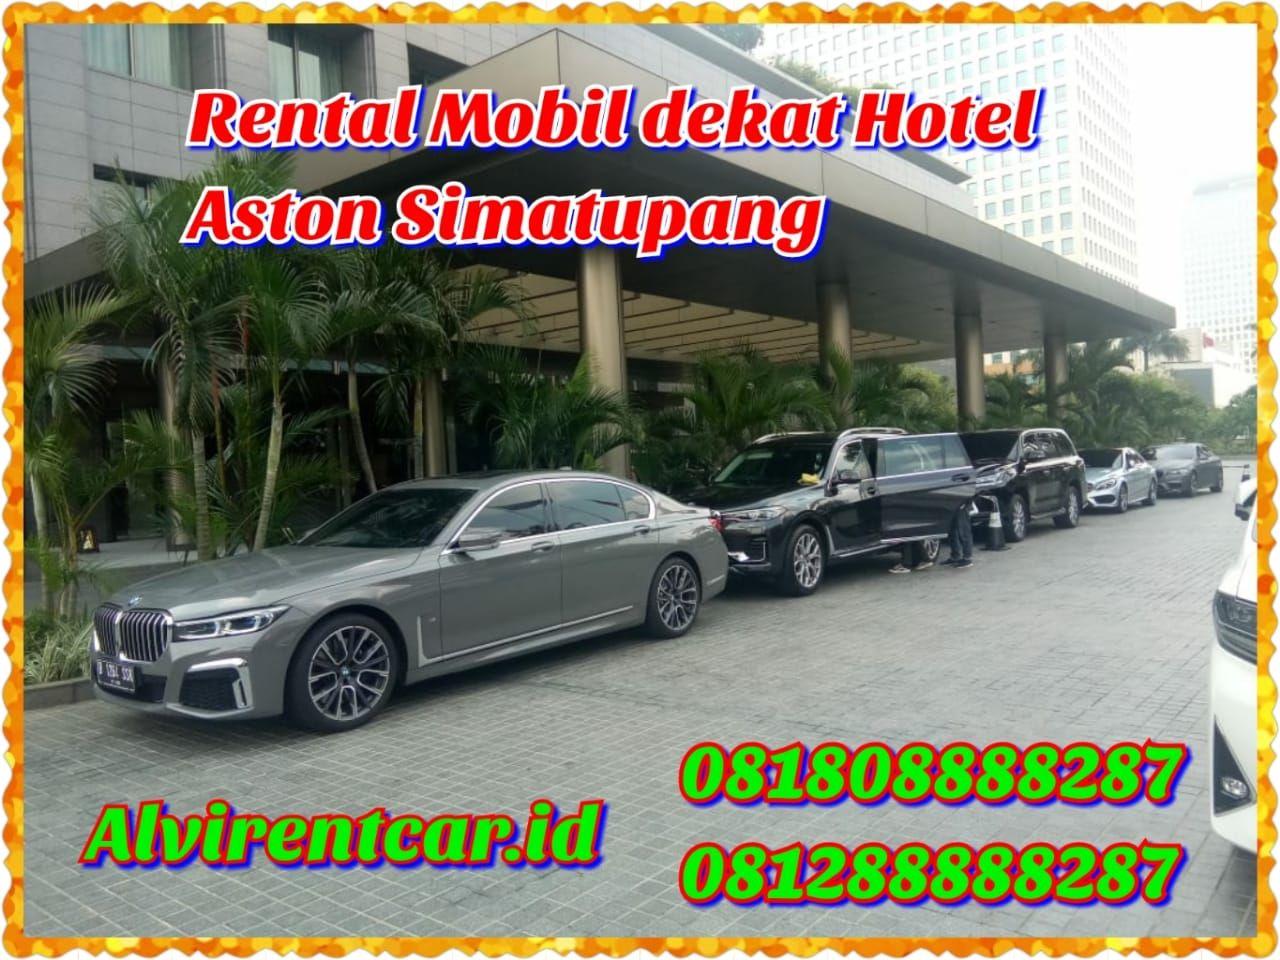 Rental Mobil Dekat Hotel Aston Simatupang Hotel Kendaraan Mobil